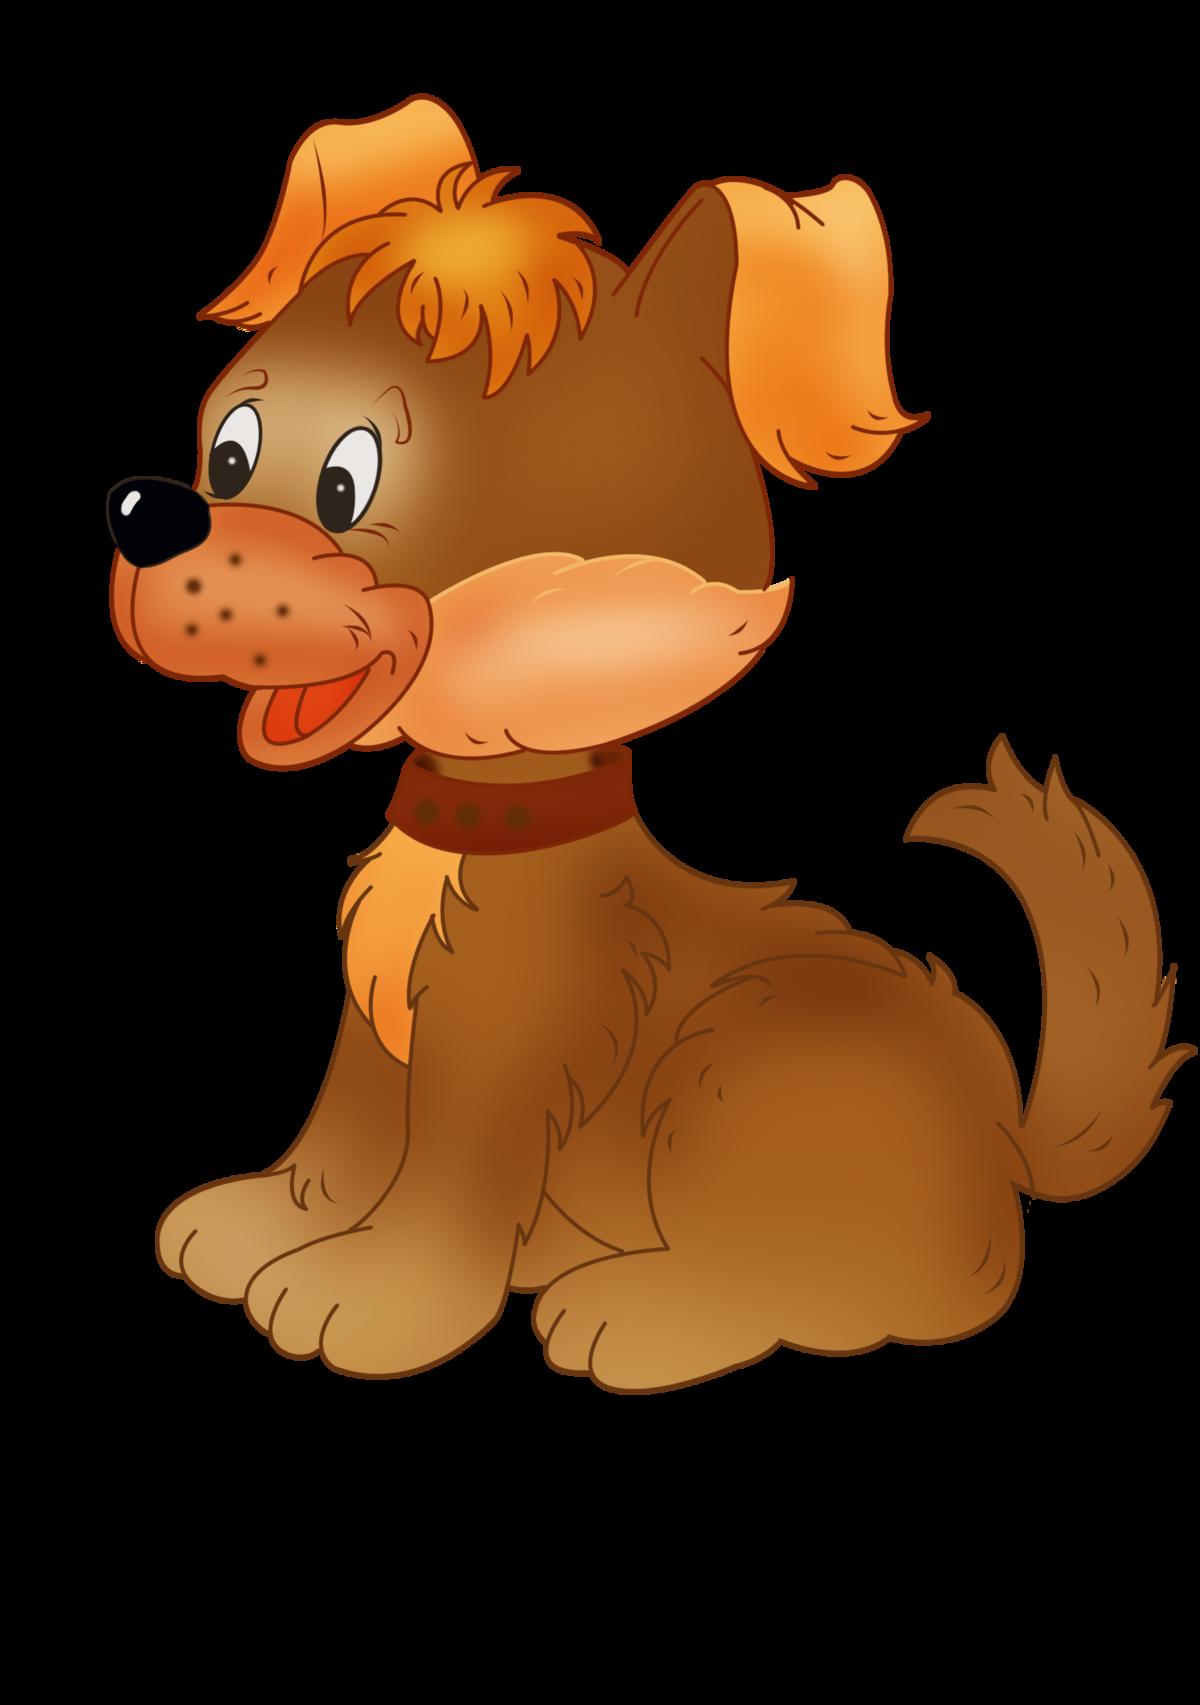 картинка для малышей собака помощью